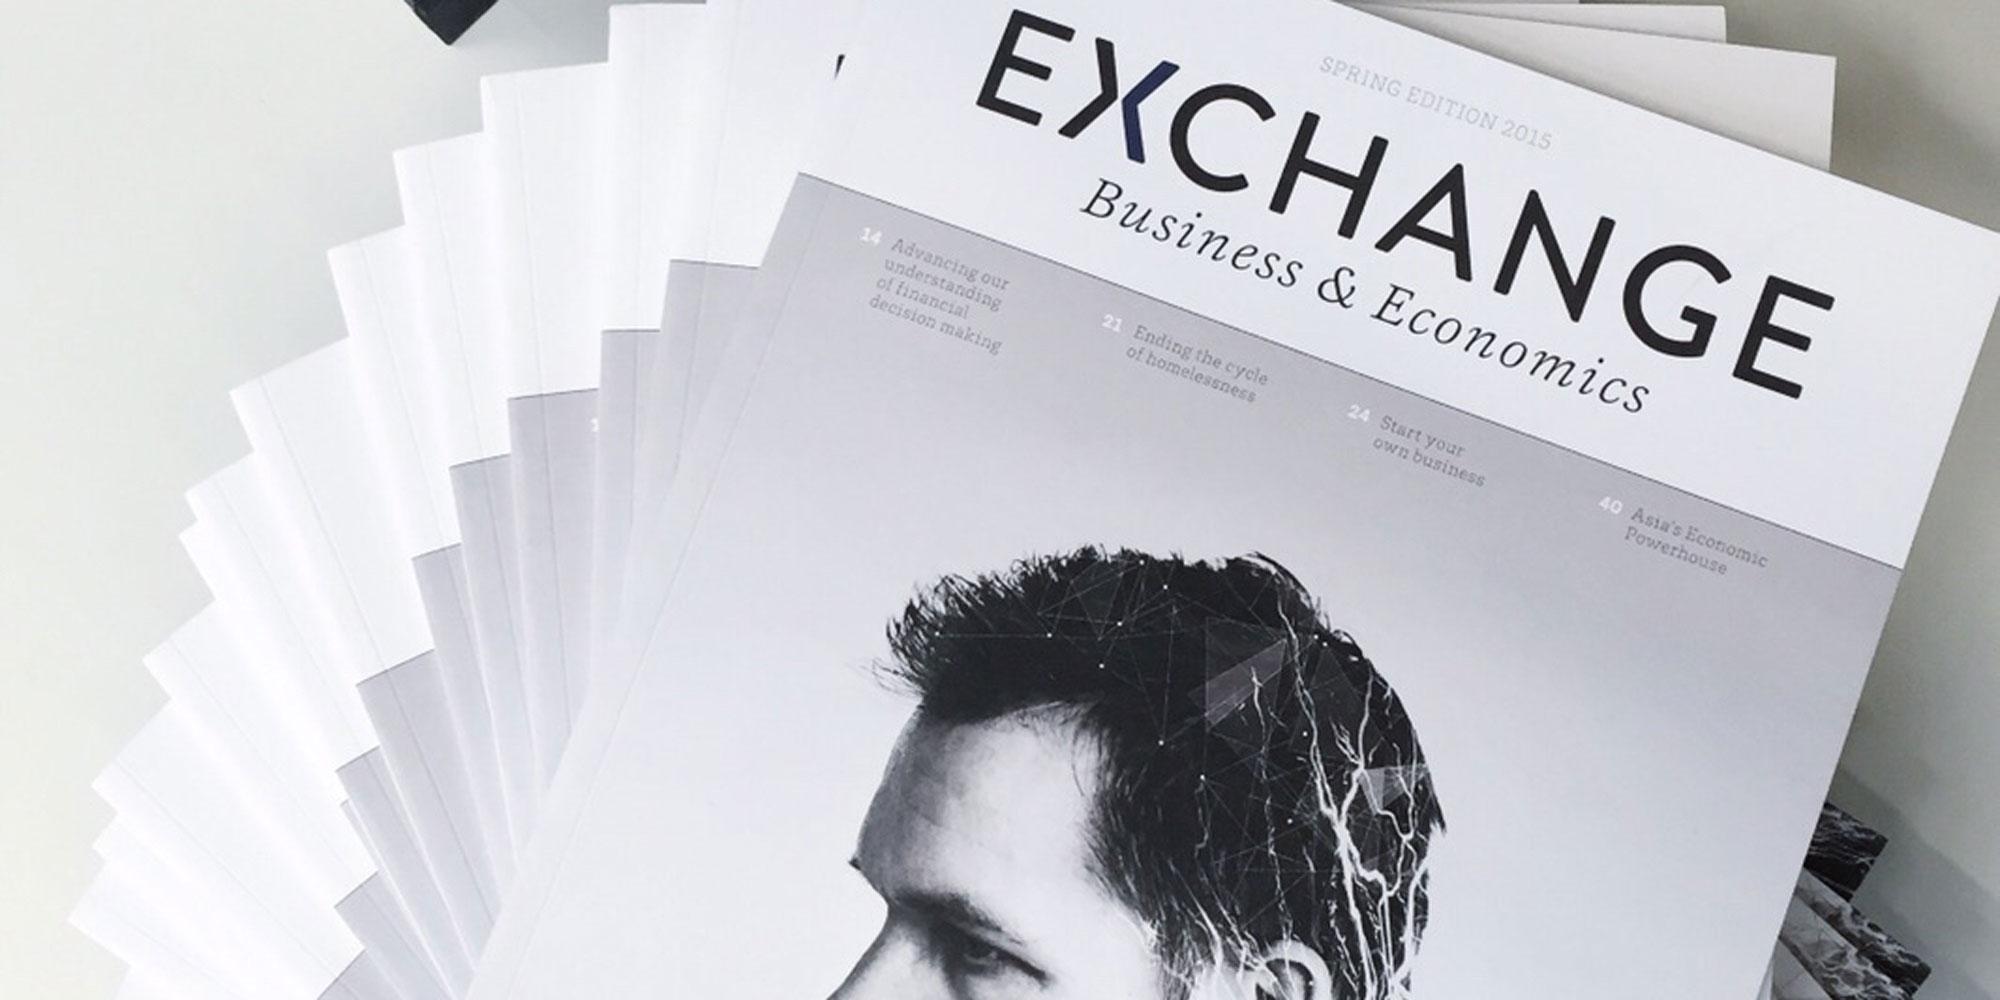 NEWS-Exchange